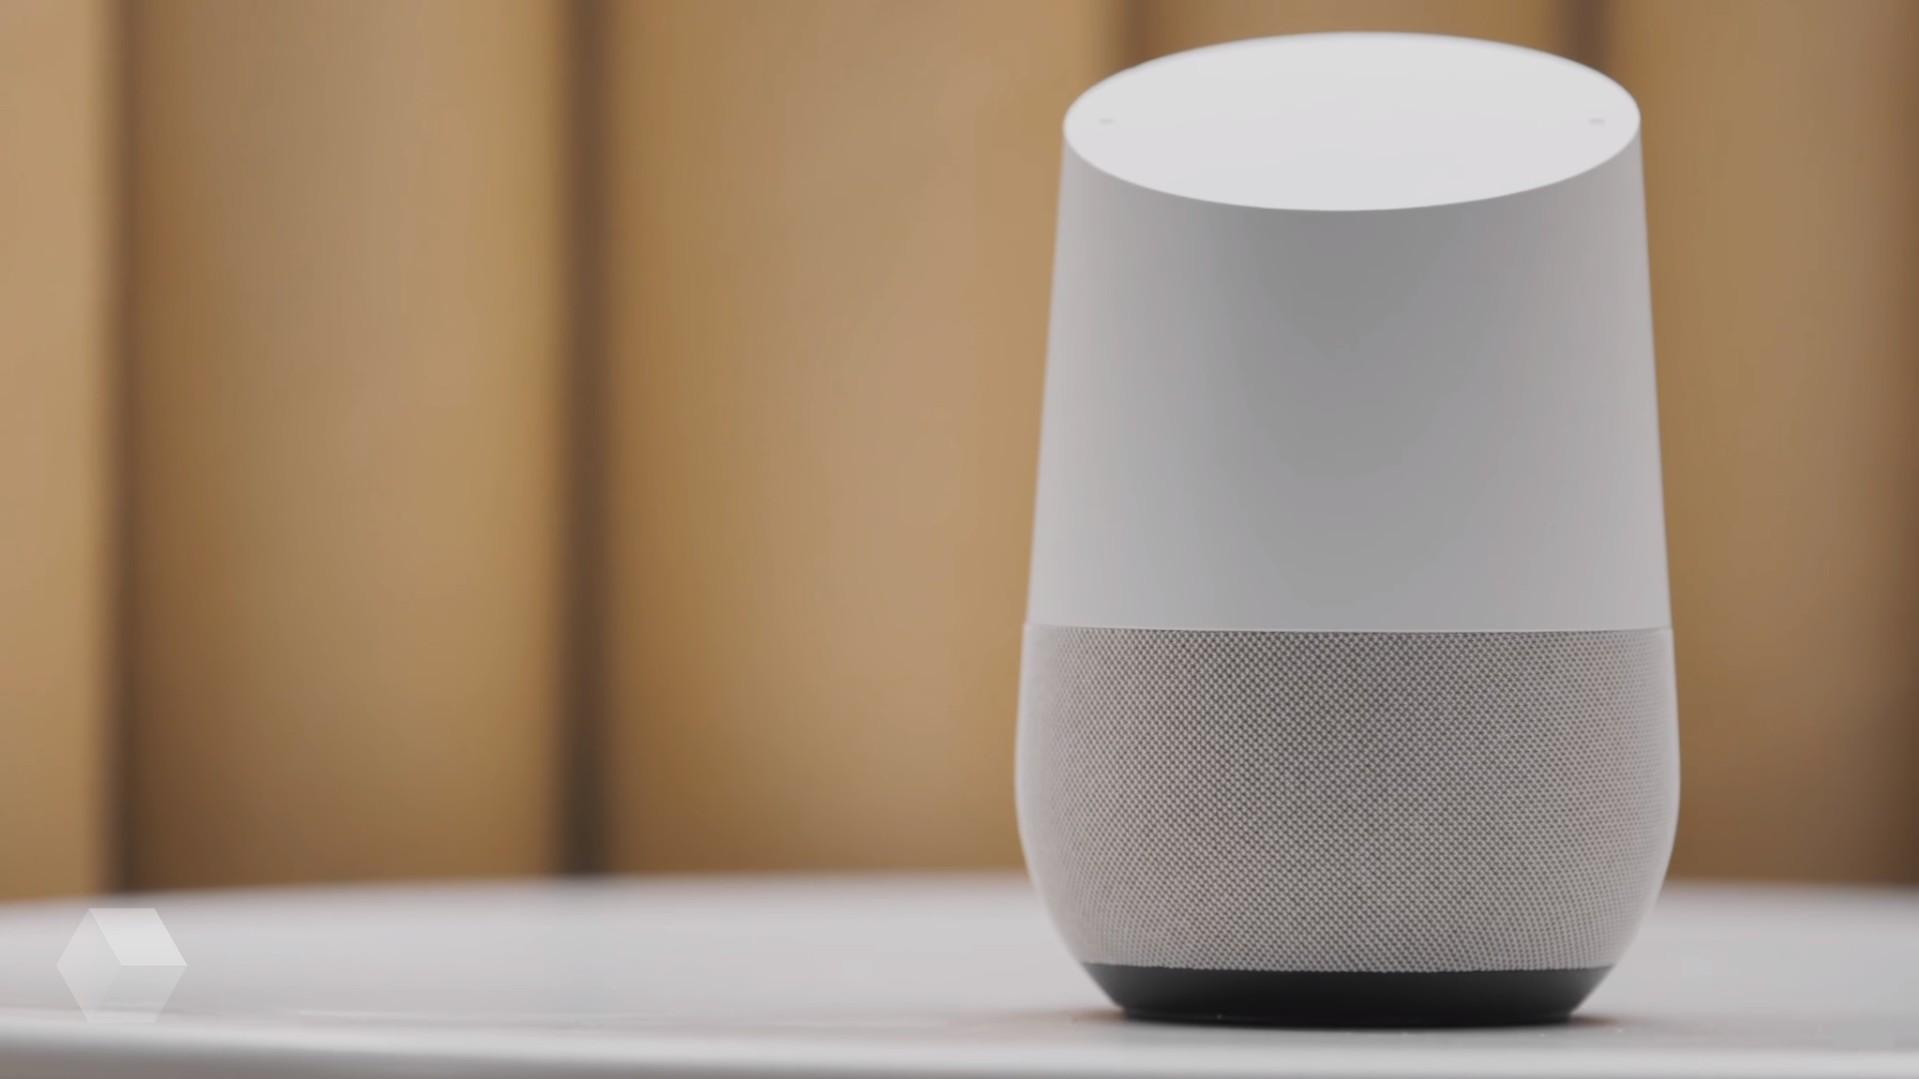 Уязвимость в Google Home и Chromecast могла стать причиной утечки местоположения